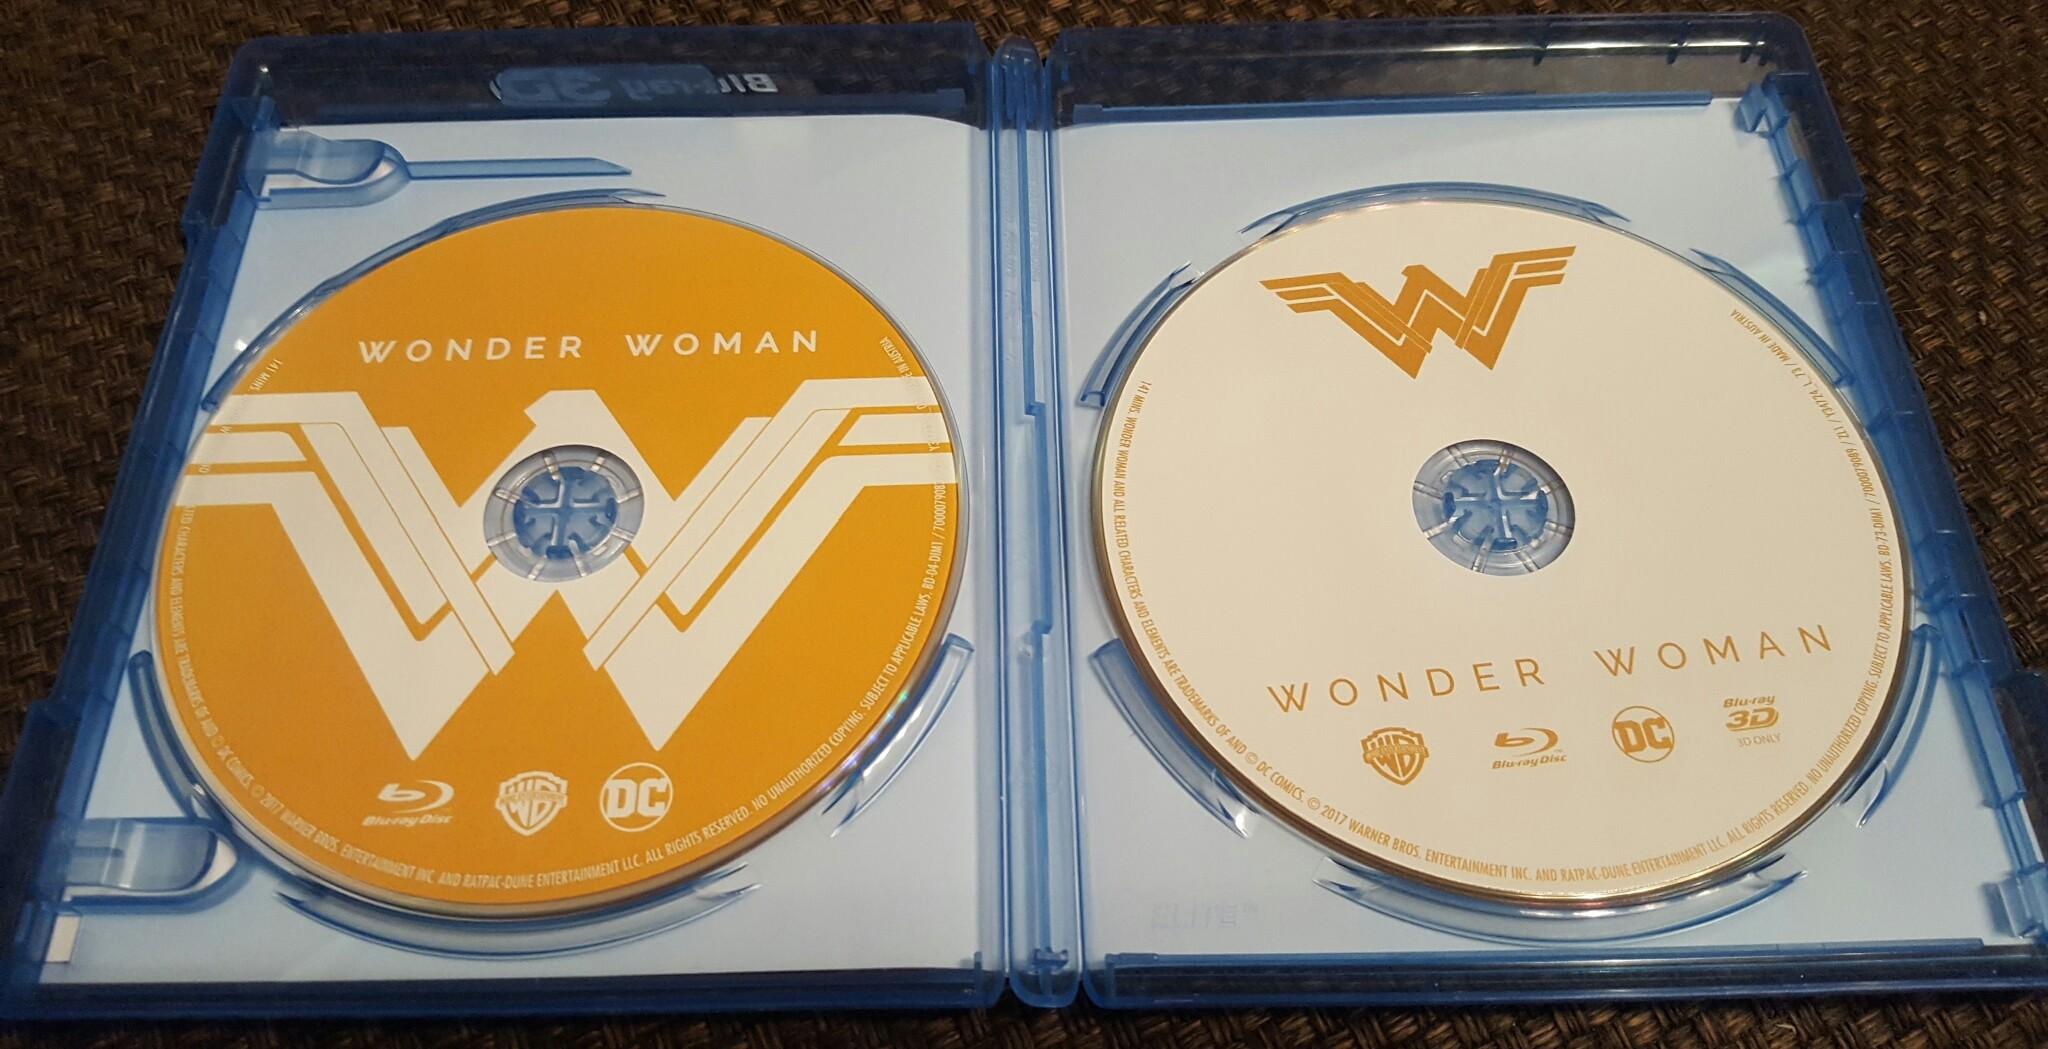 Wonder Woman Środek.jpg